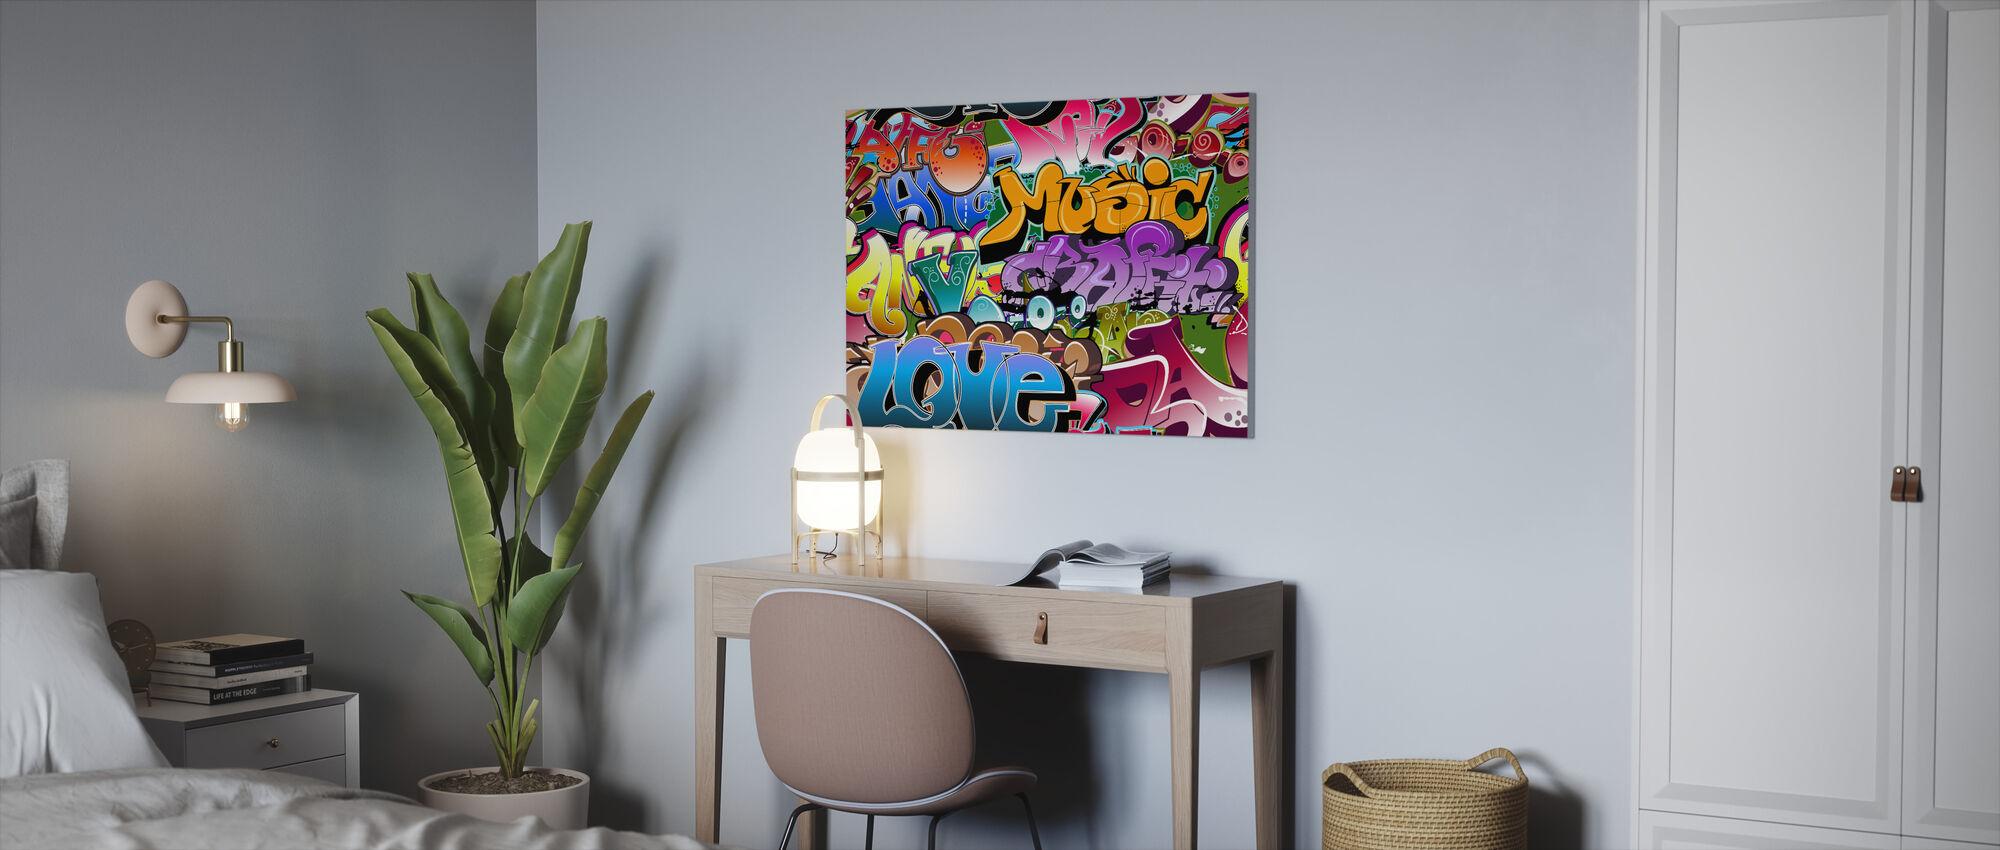 Musikk elsker graffiti - Lerretsbilde - Kontor